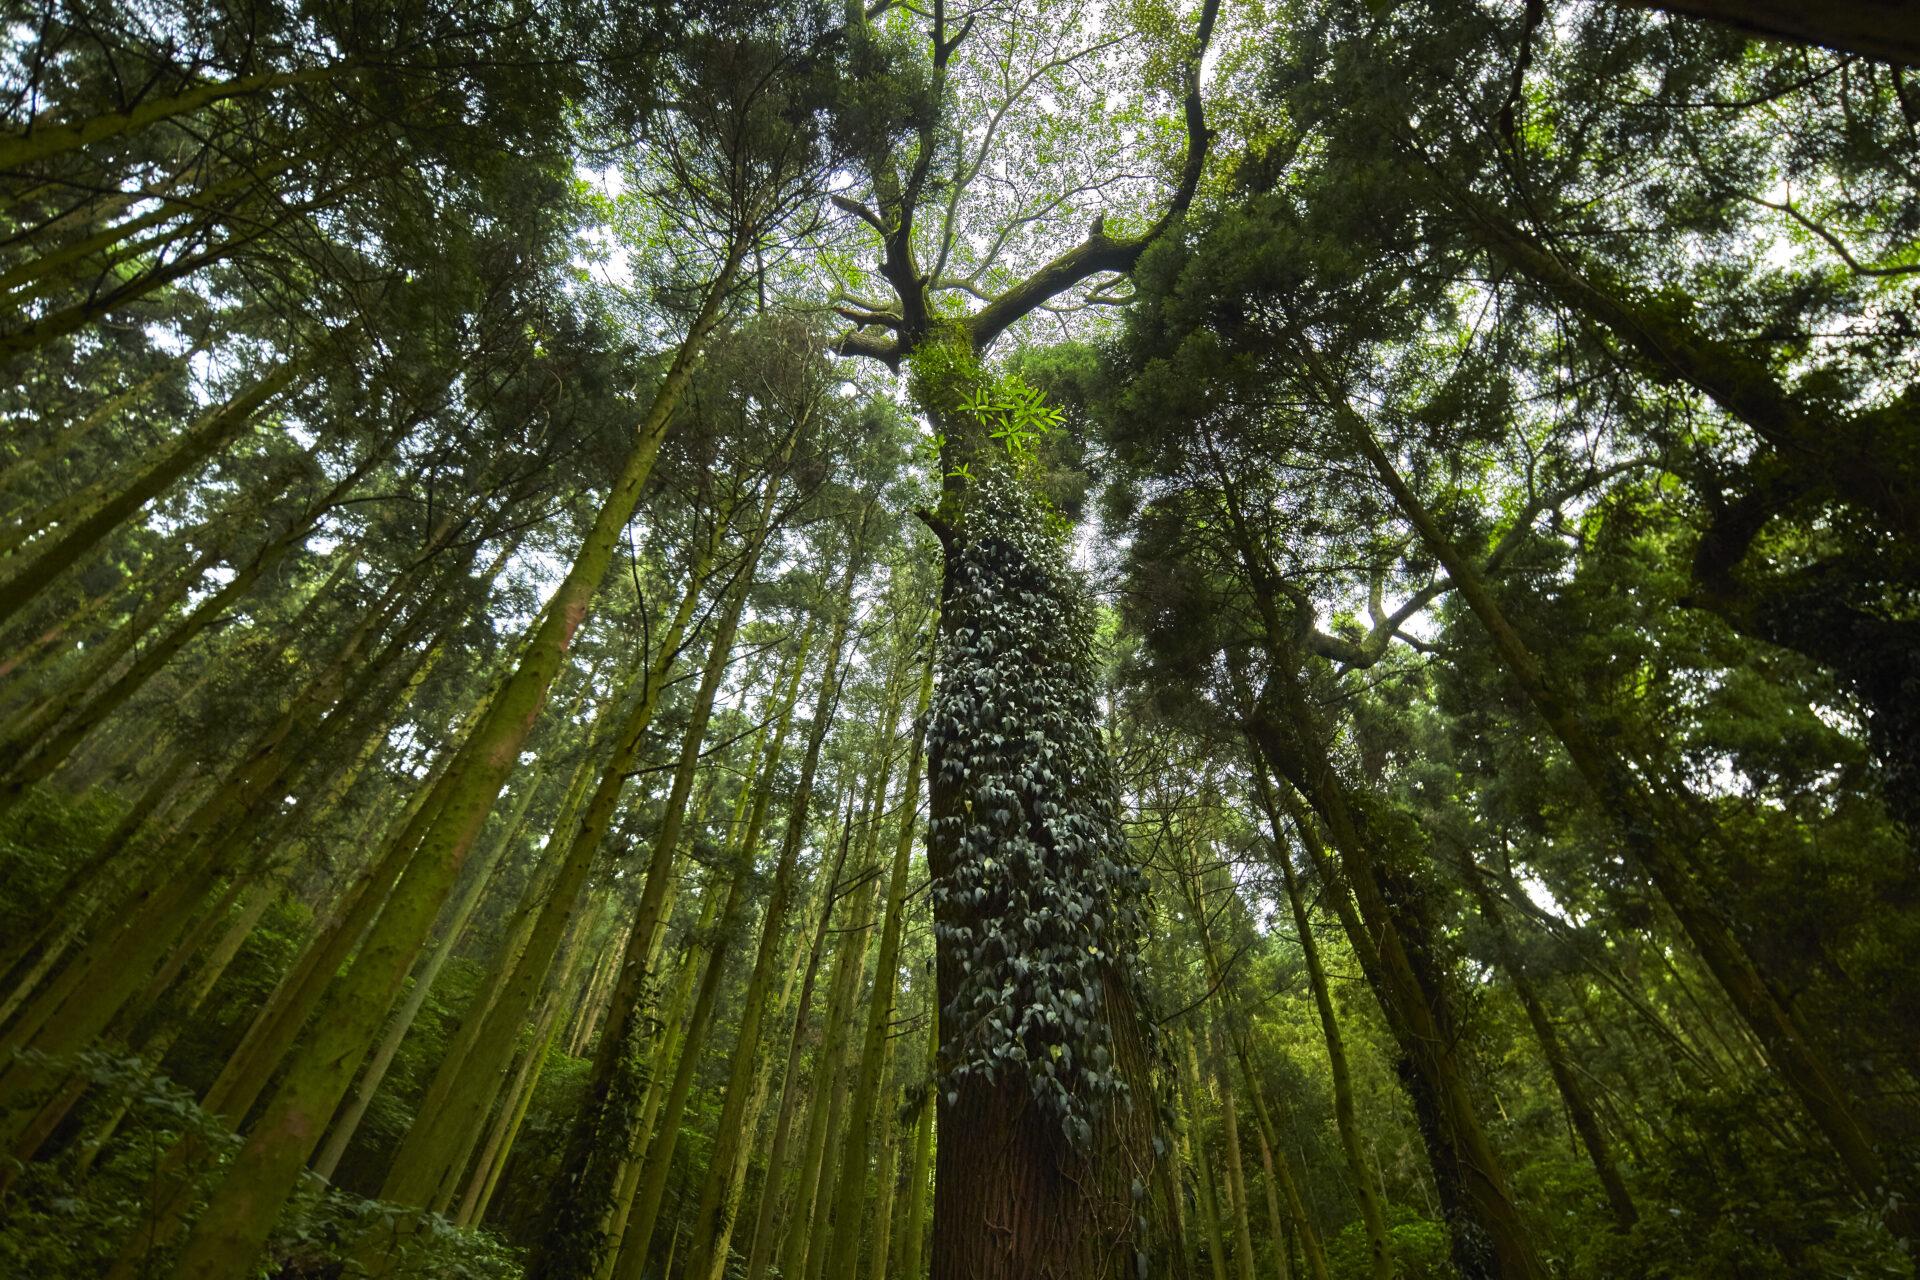 家具を作る私たちが、木と森を守るために考えていること。